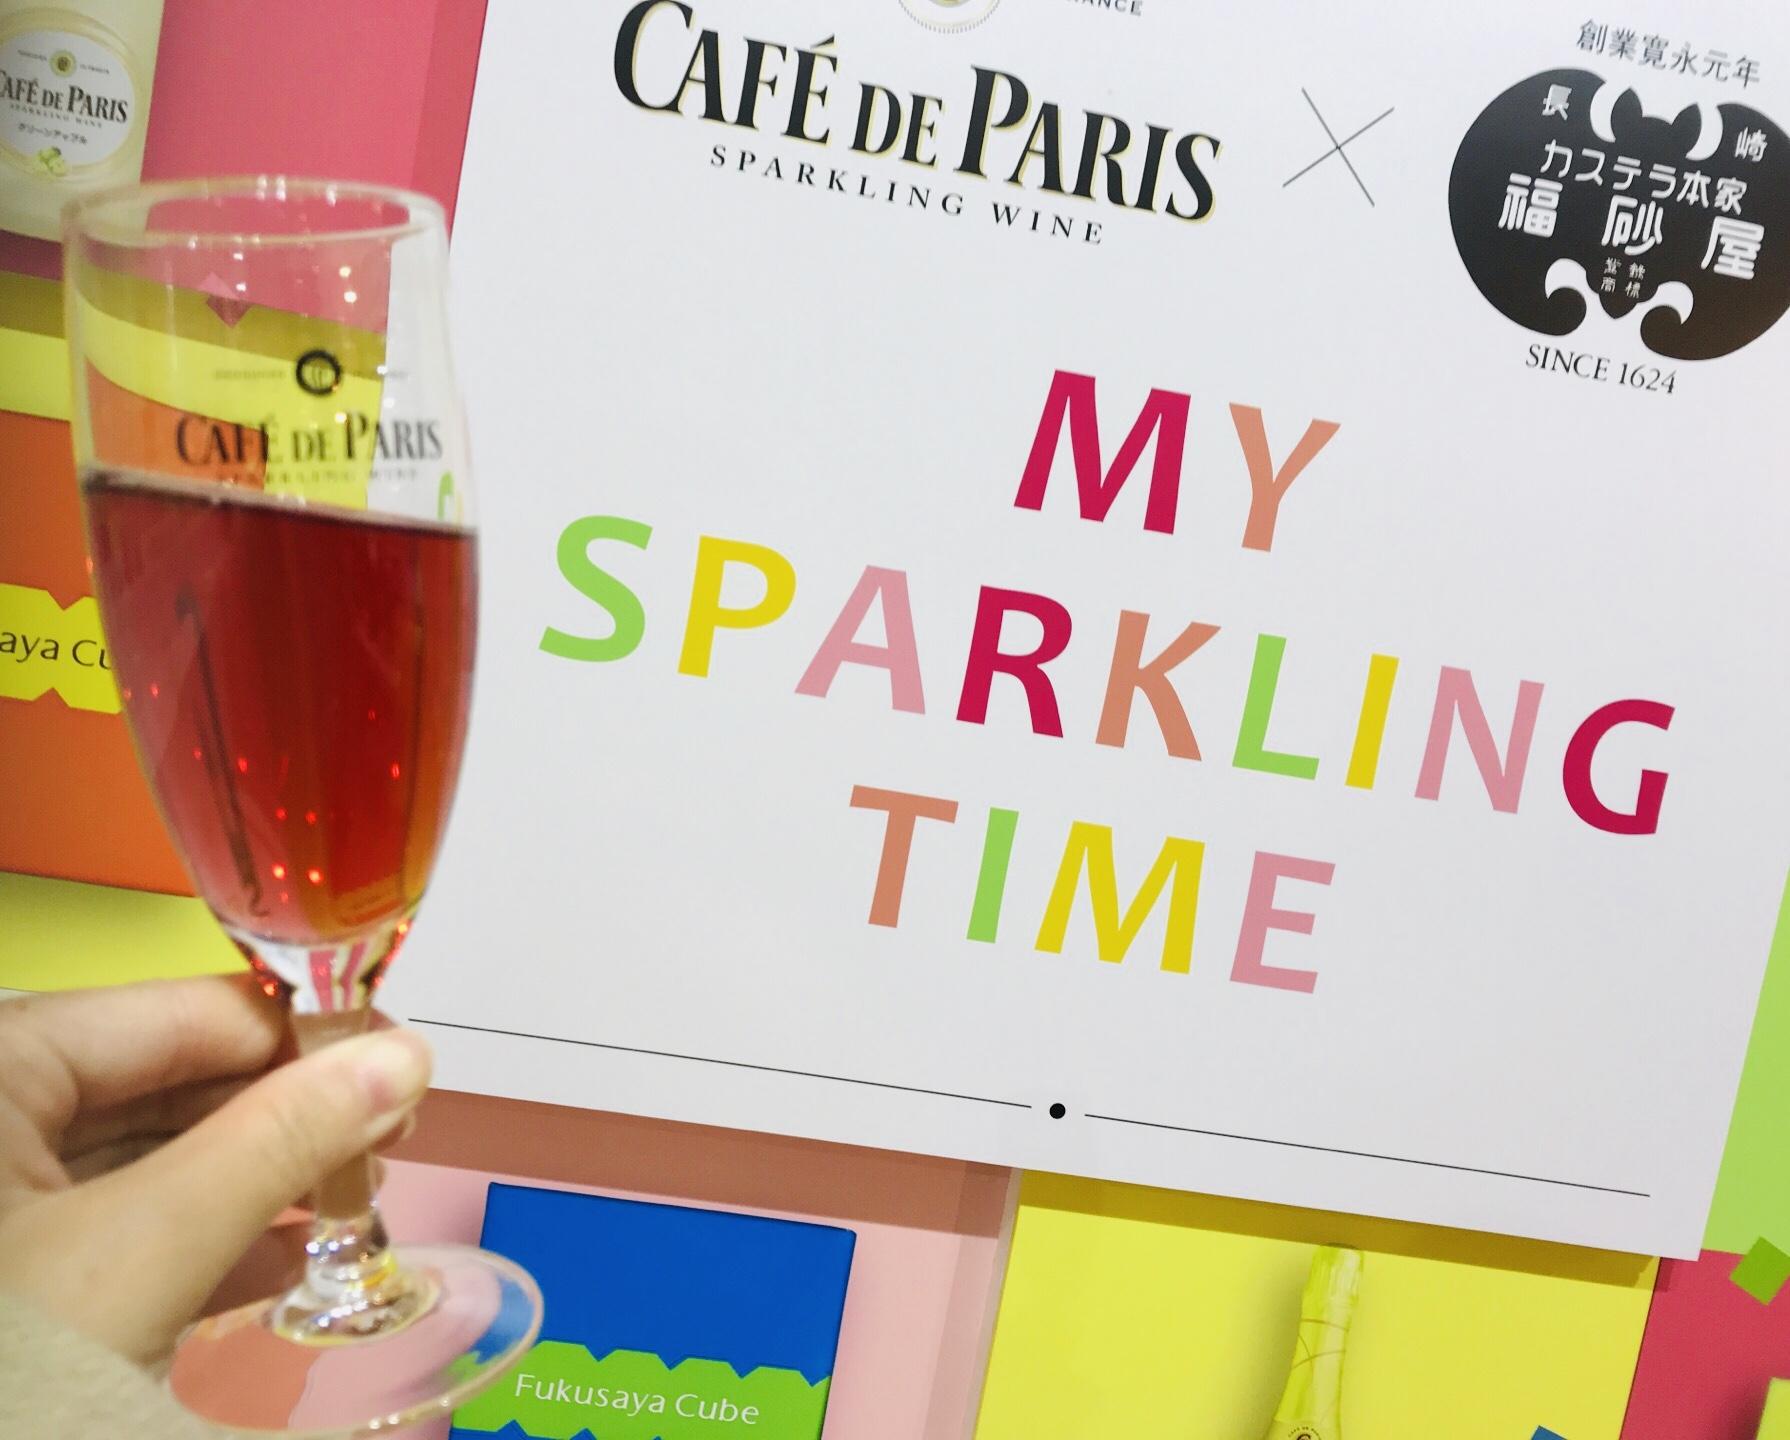 【カフェ・ド・パリ×福砂屋】無料!デコレーションしてオリジナルカステラが作れる♡_3